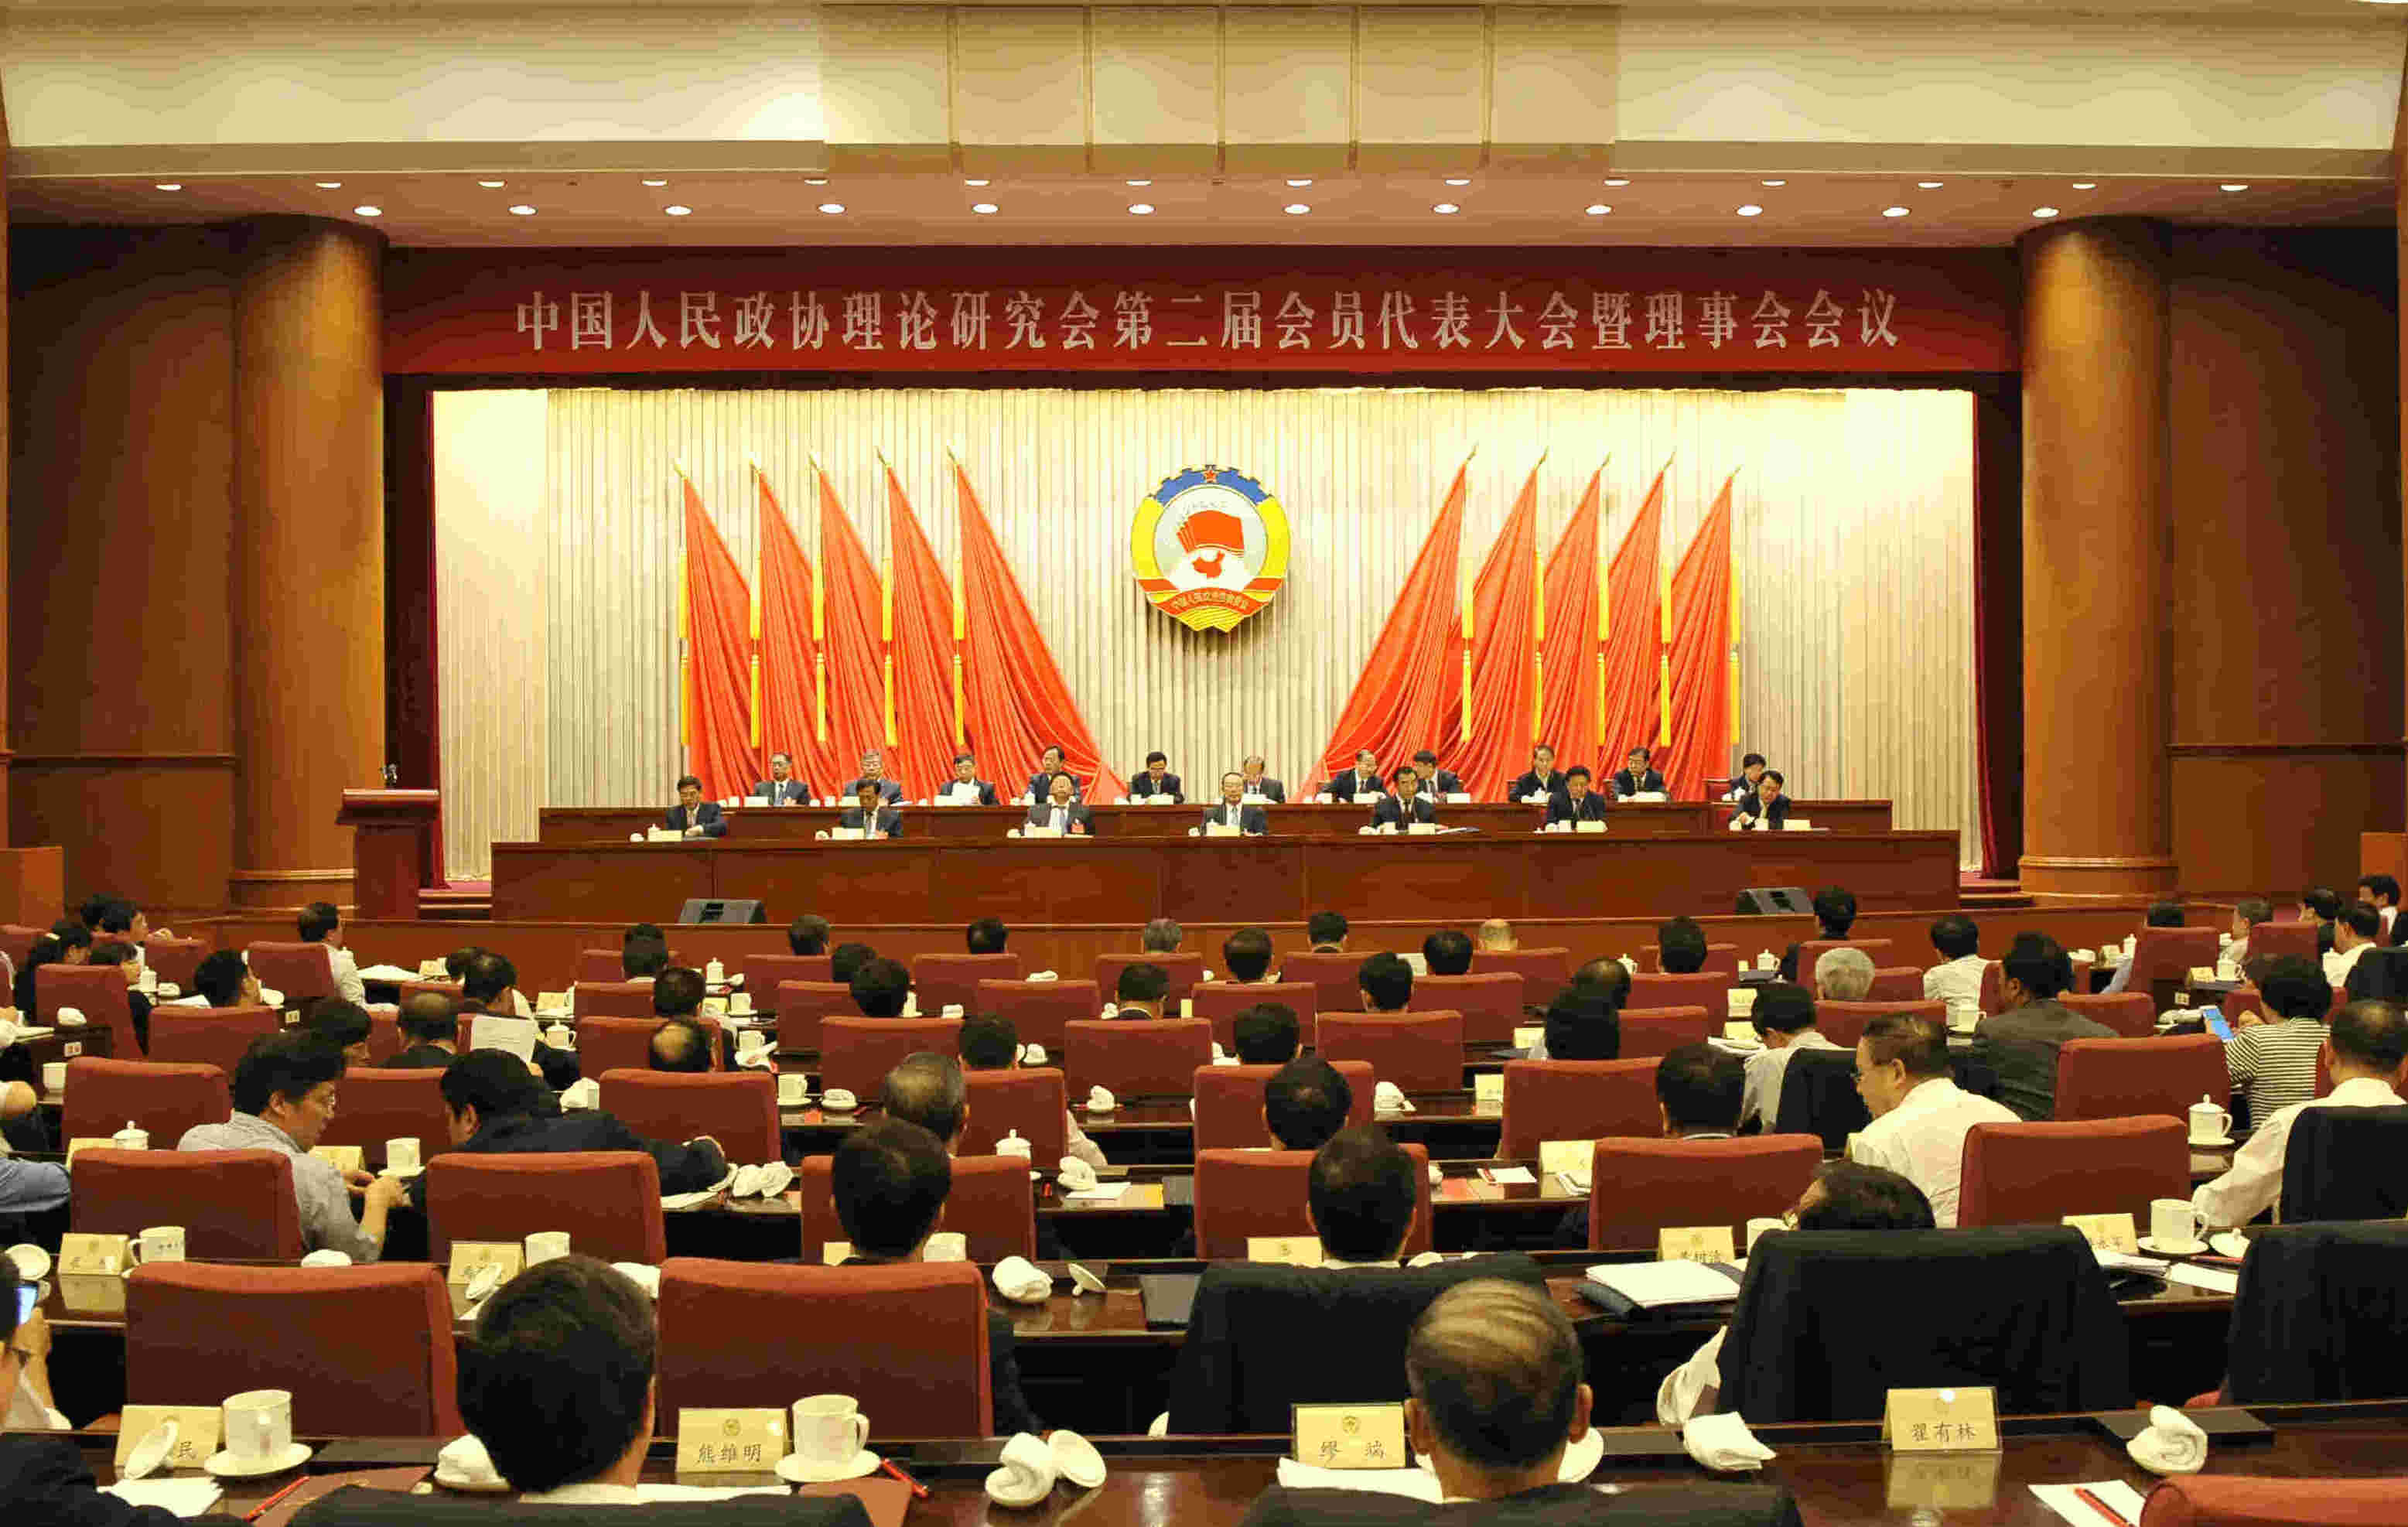 中国人民政协理论研究会第二届会员代表大会暨理事会会议召开